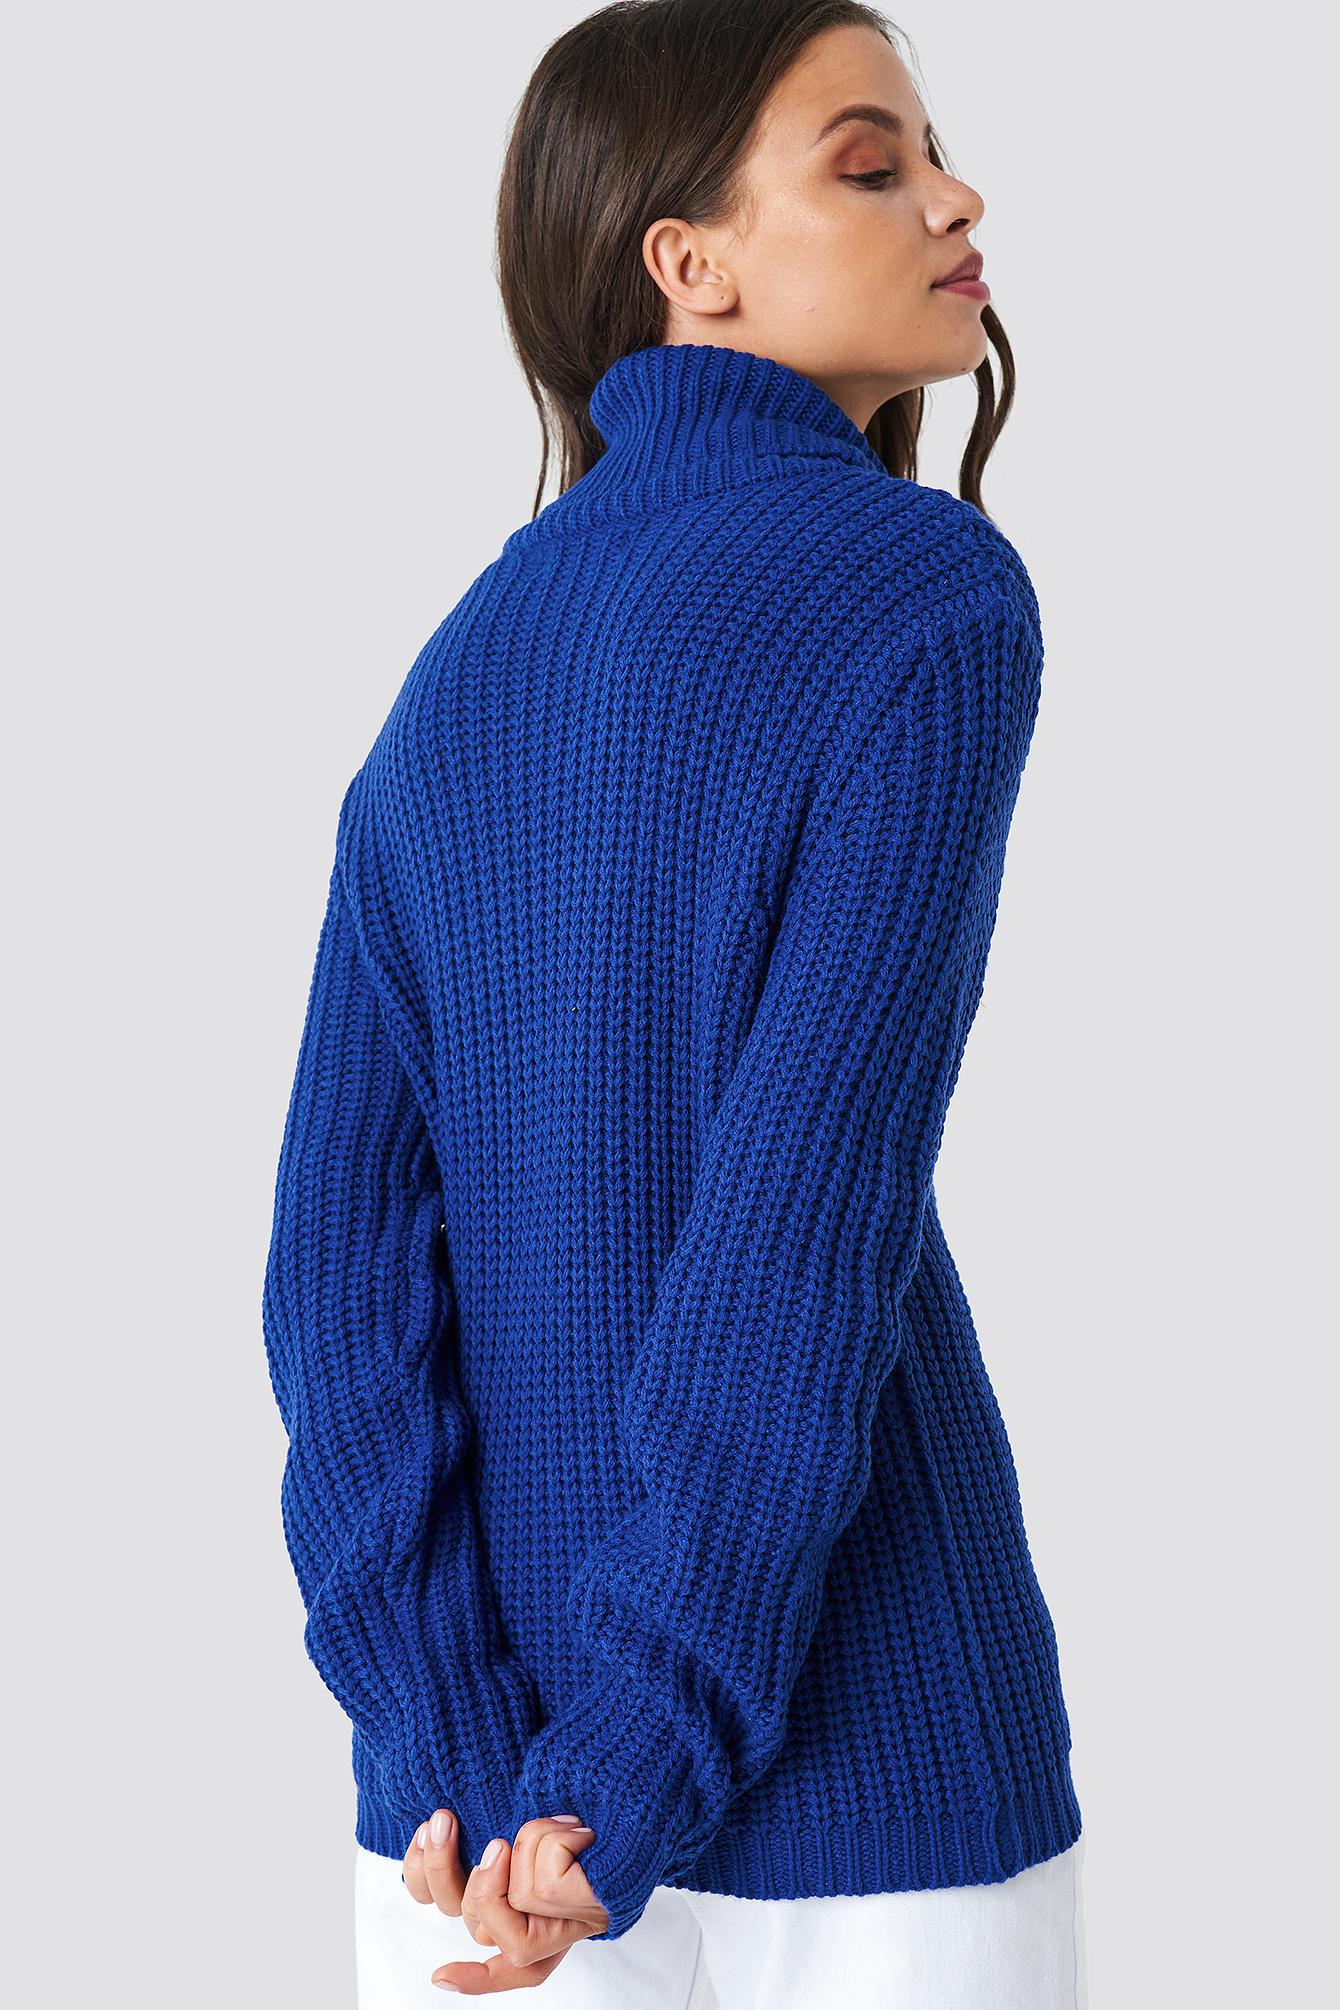 0084bb68 Genser fra Rut & Circle, blå strikkegenser til dame med høy hals